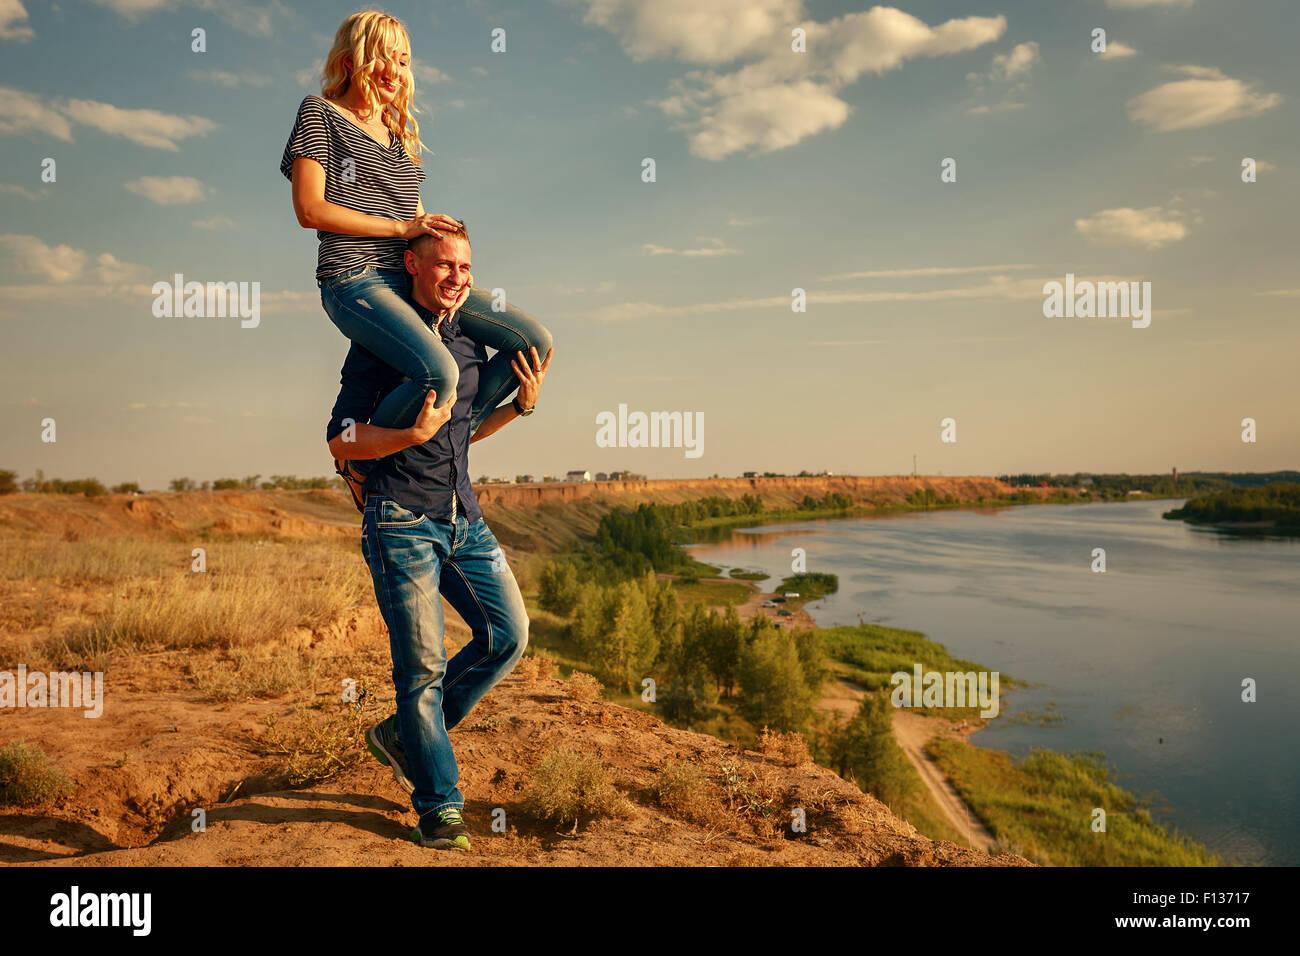 Liebespaar am Ufer Flusses. Mann mit Mädchen auf Huckepack. Sommertag. Das Konzept einer romantischen Beziehung. Stockbild